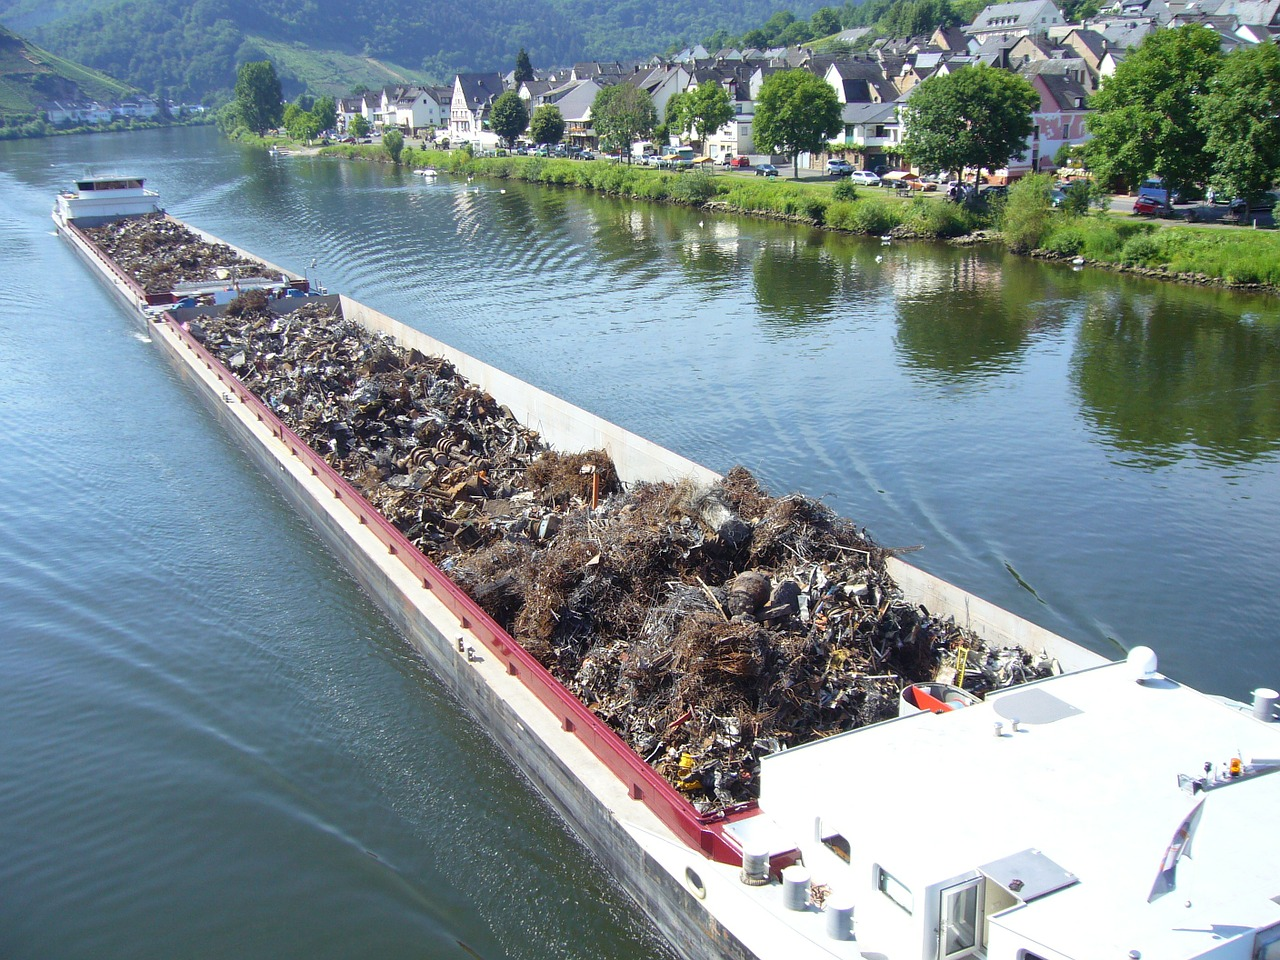 scrap metal barge